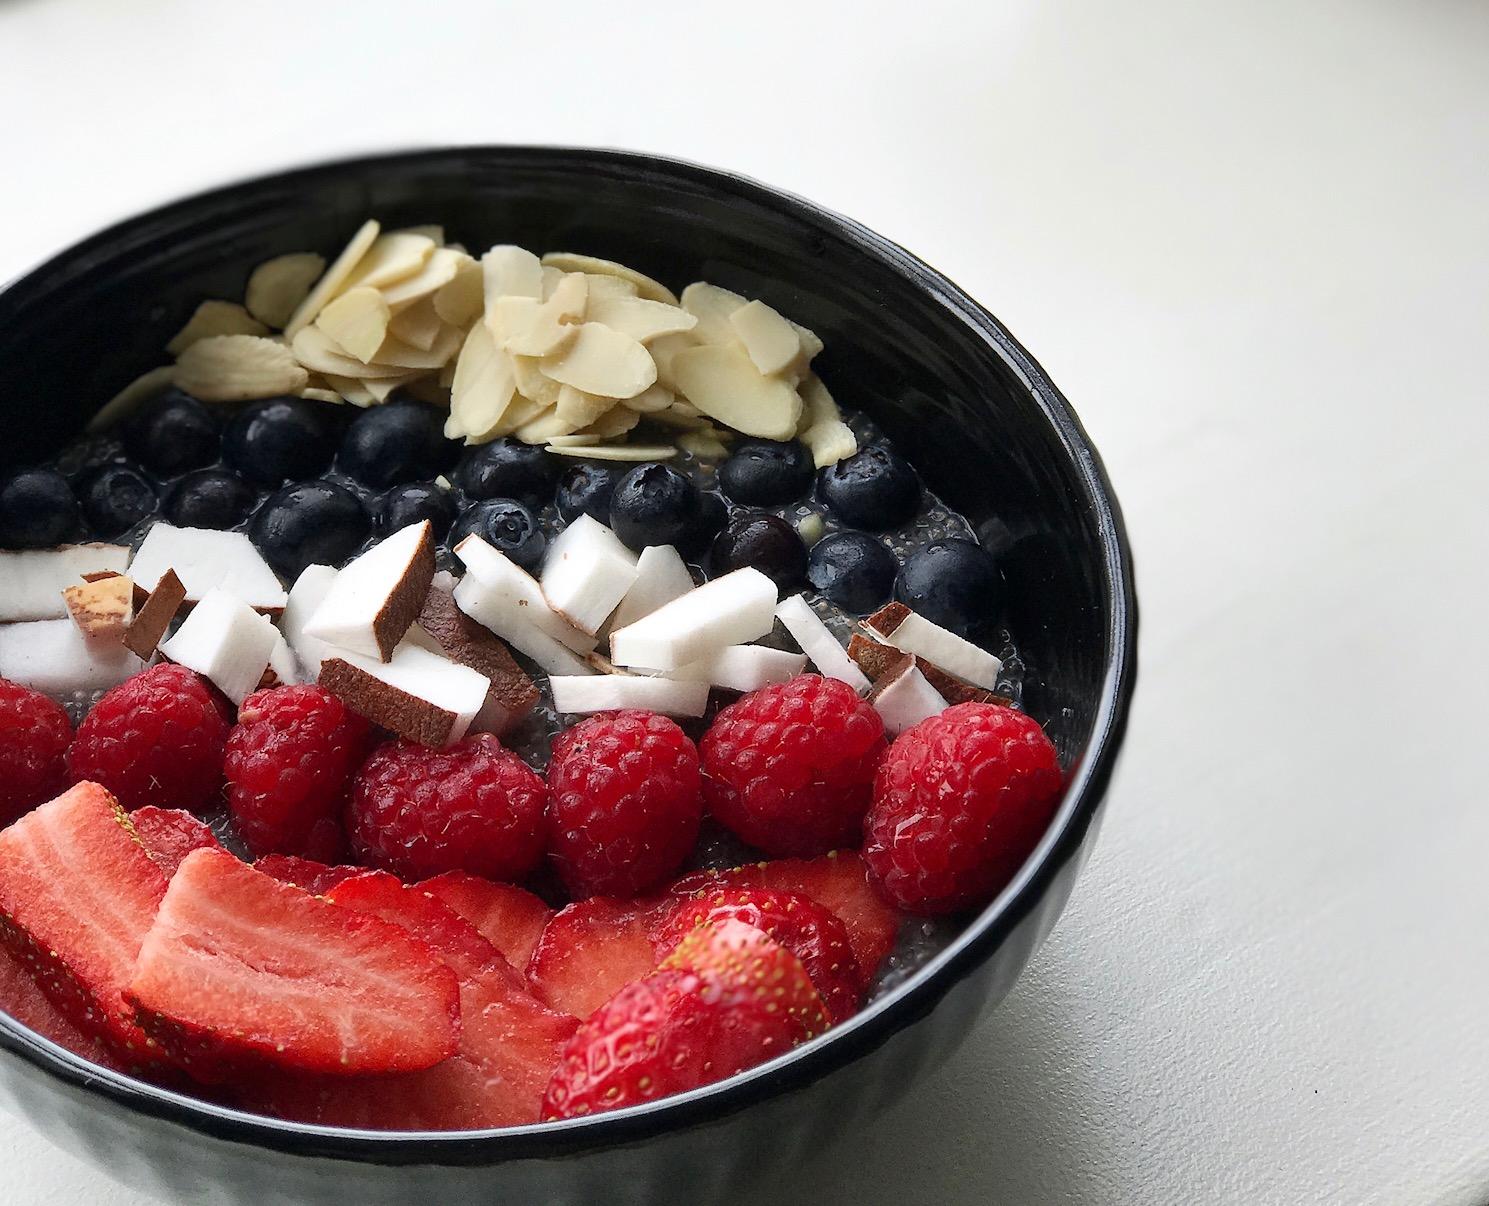 // På overskudsagtige morgener starter jeg allerhelst dagen sådan her: Chia bowl baseret på plantemælk med mandler, bær og kokos. Det er så hudvenligt, som det næsten kan blive.